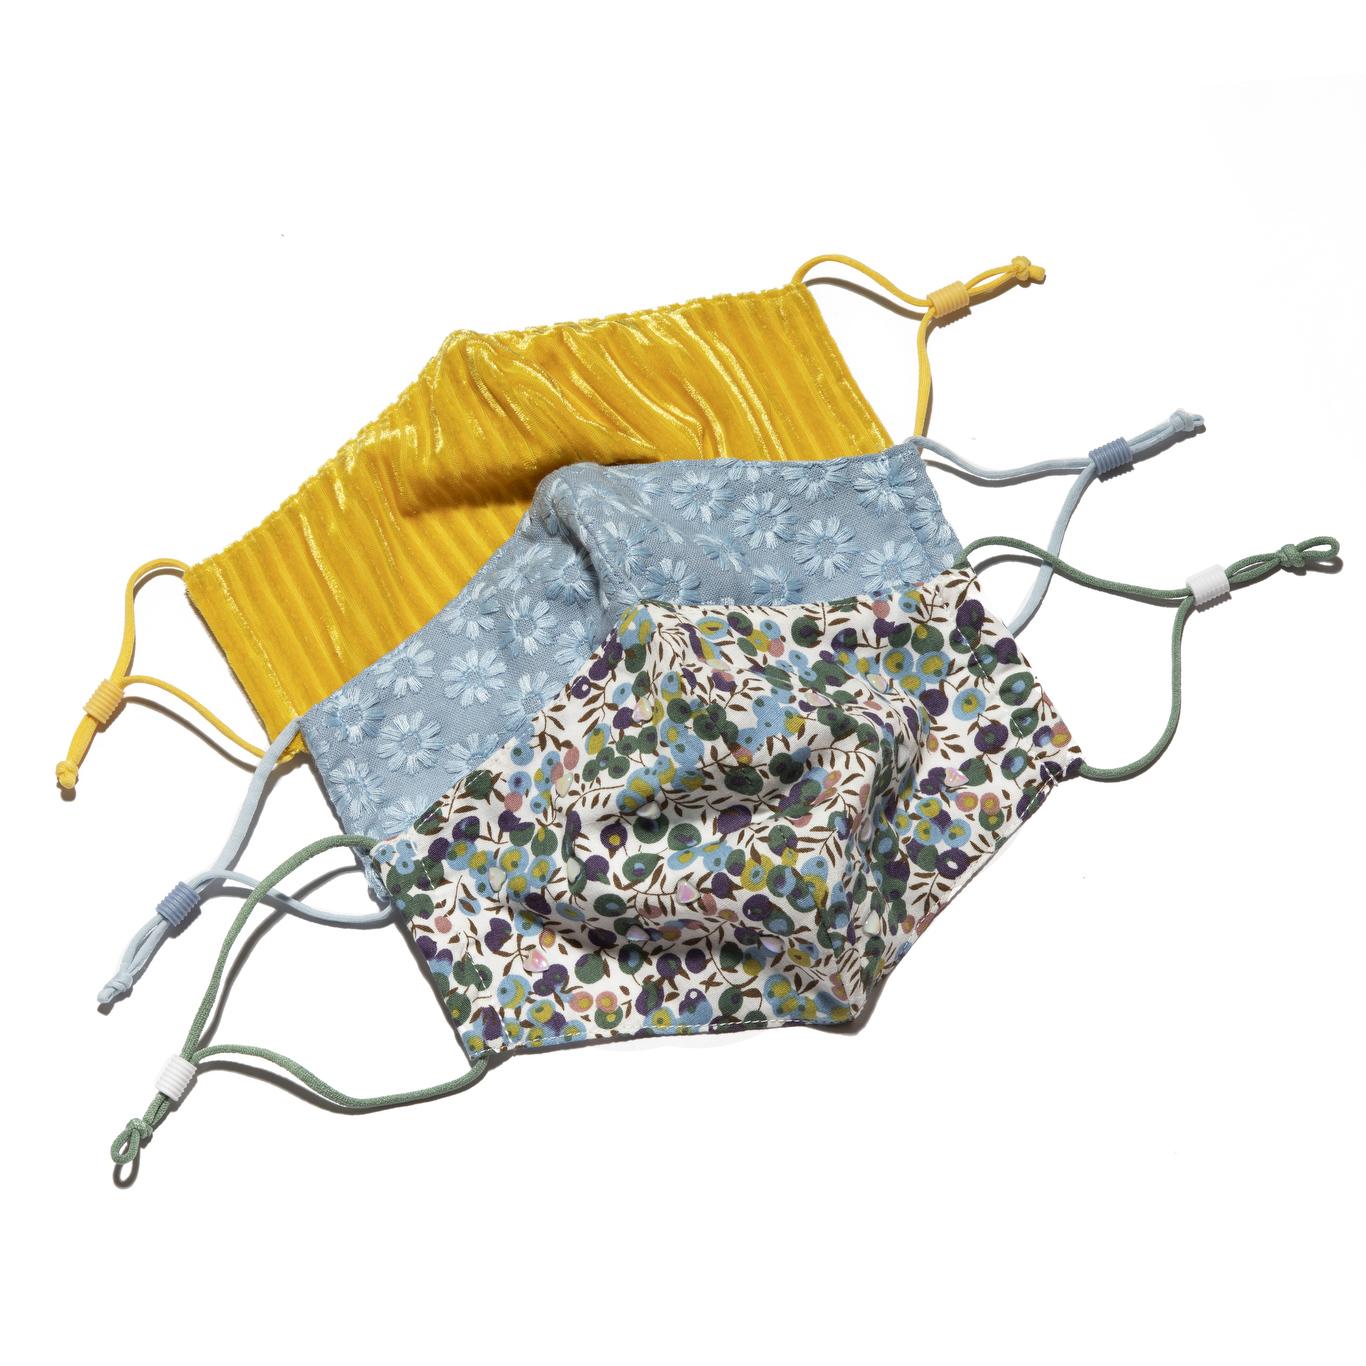 Floral design masks by Lele Sadoughi